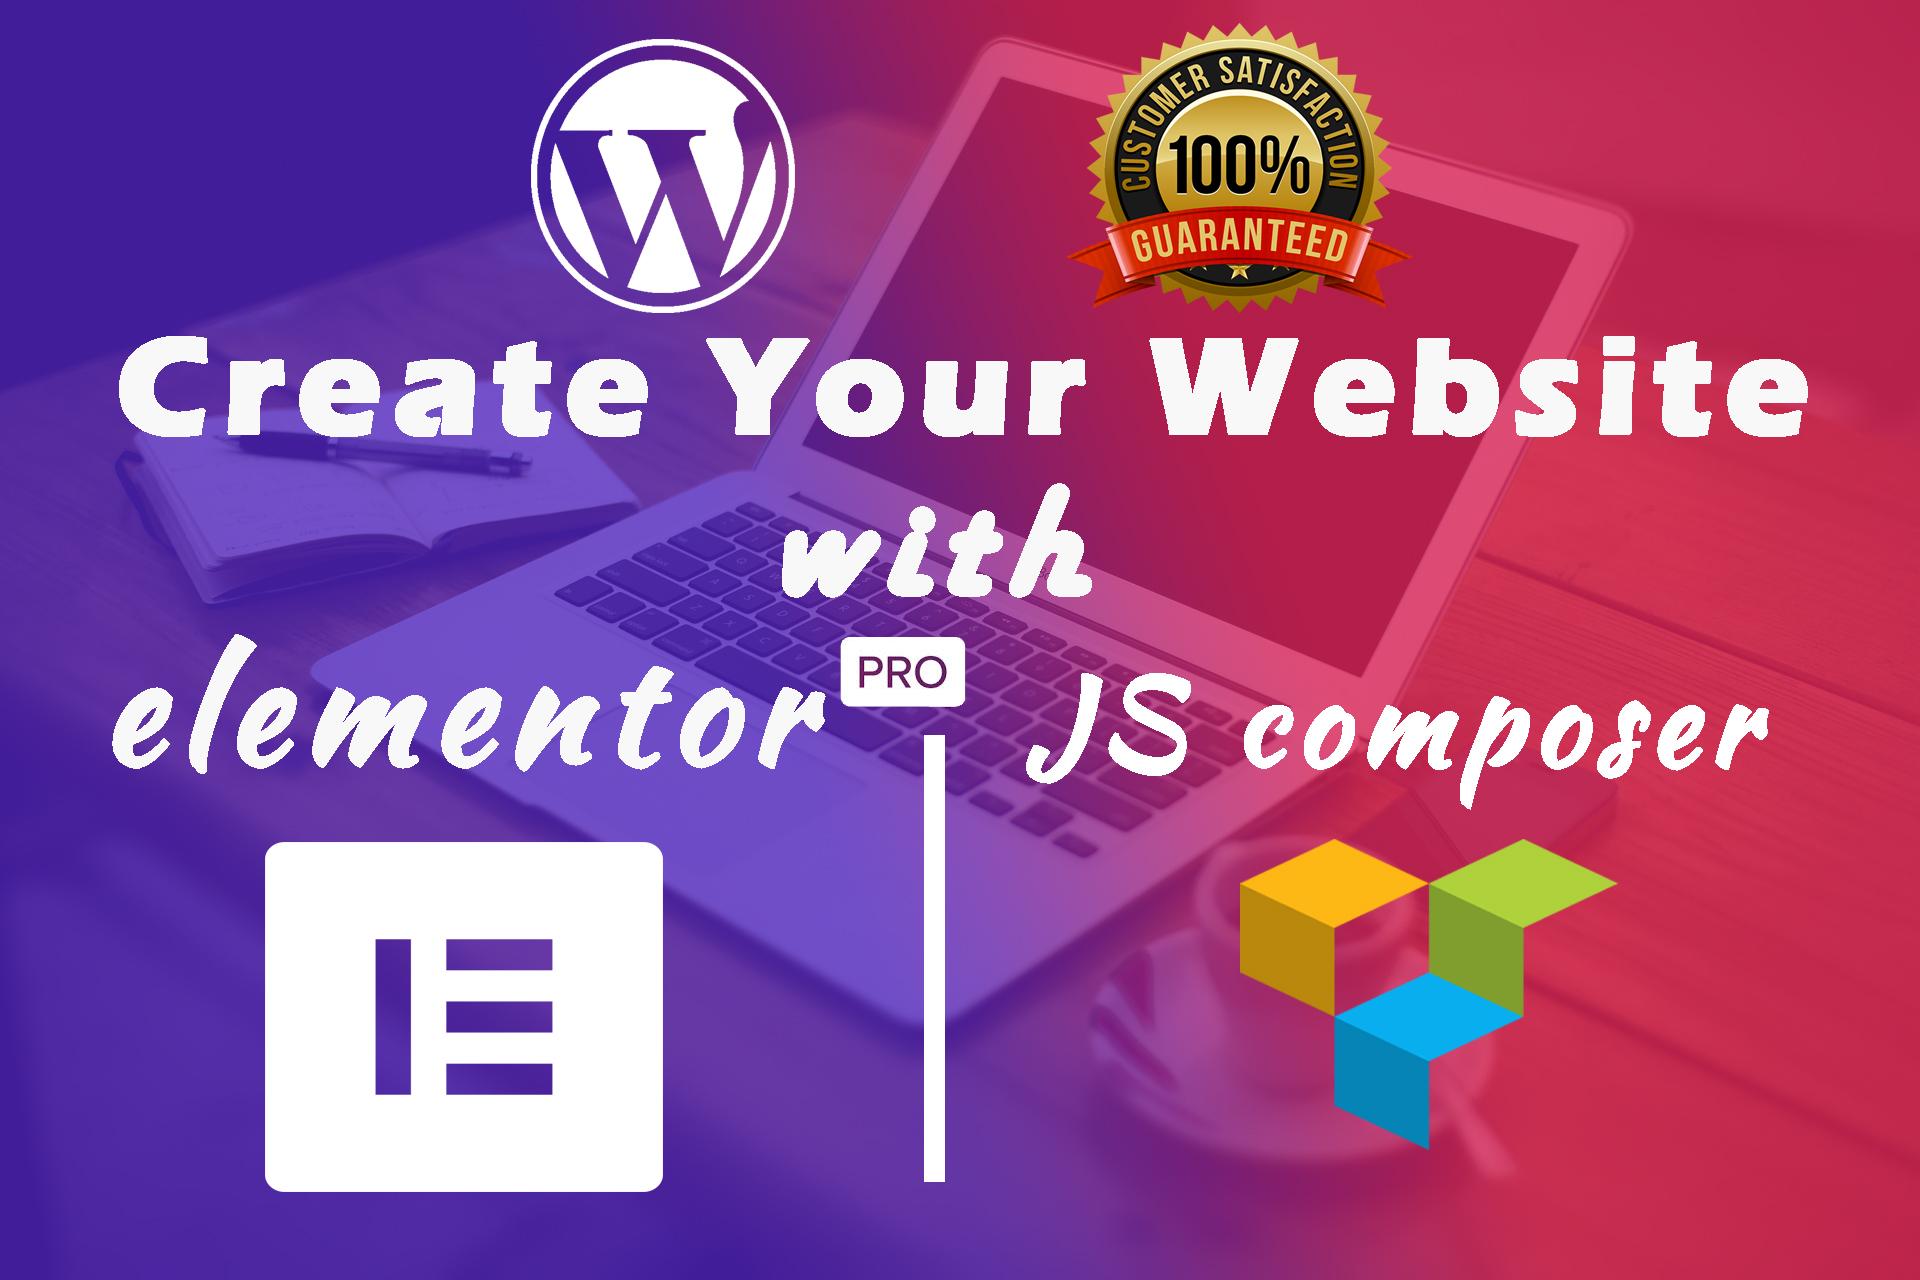 I will design or redesign wordpress website using elementor or js composer page builder